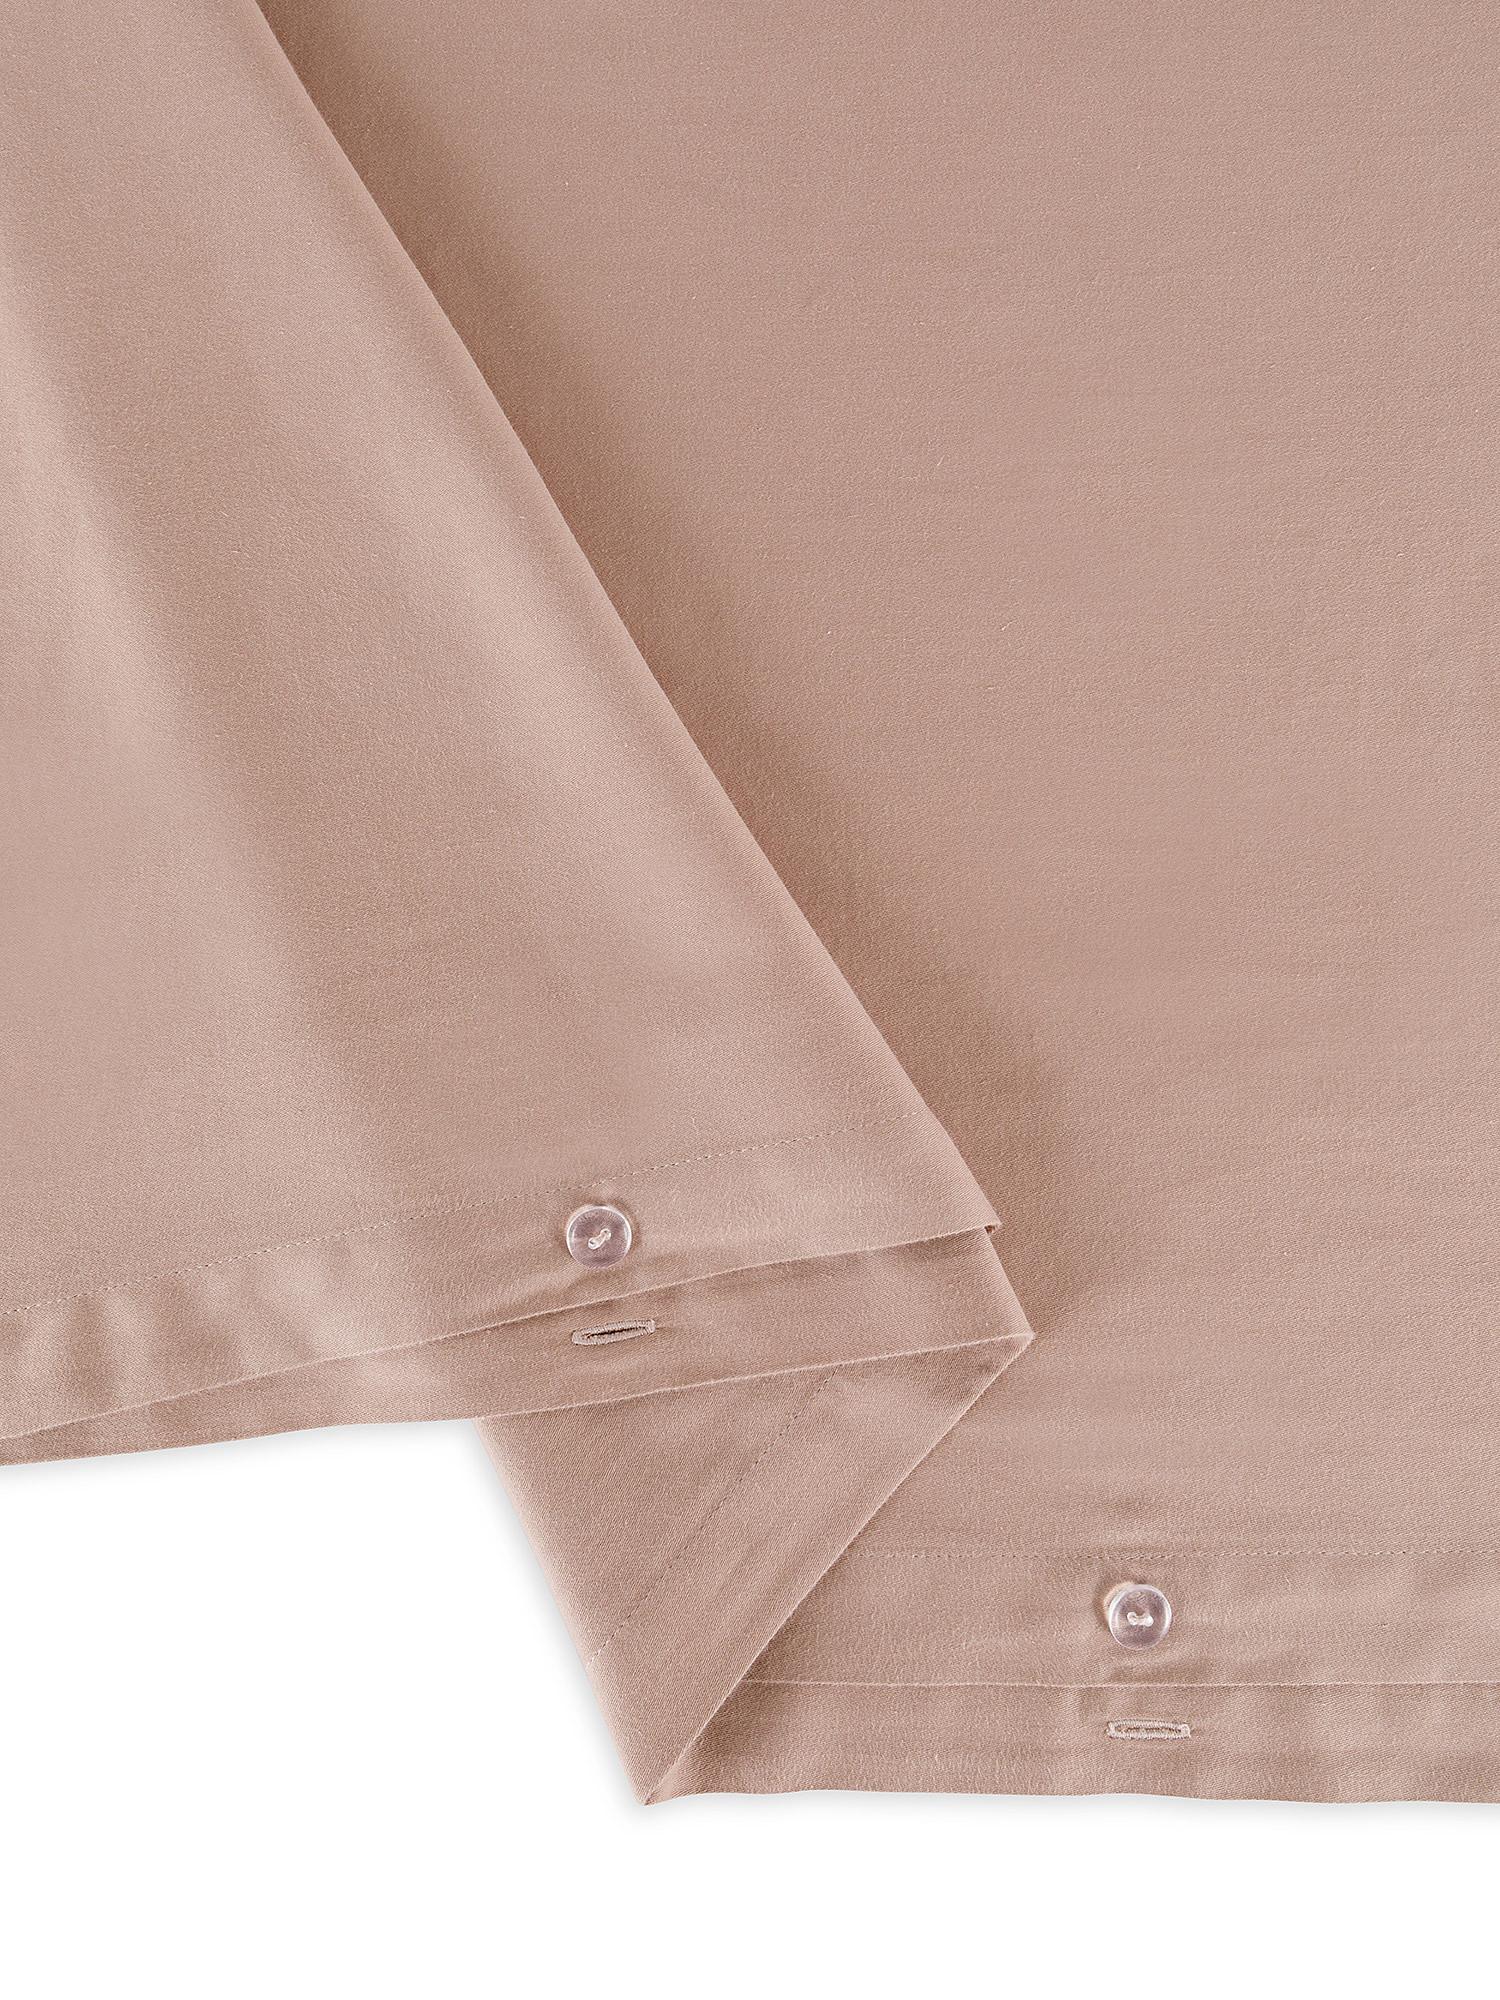 Copripiumino raso di cotone lavato orlo à-jour, Rosa, large image number 2